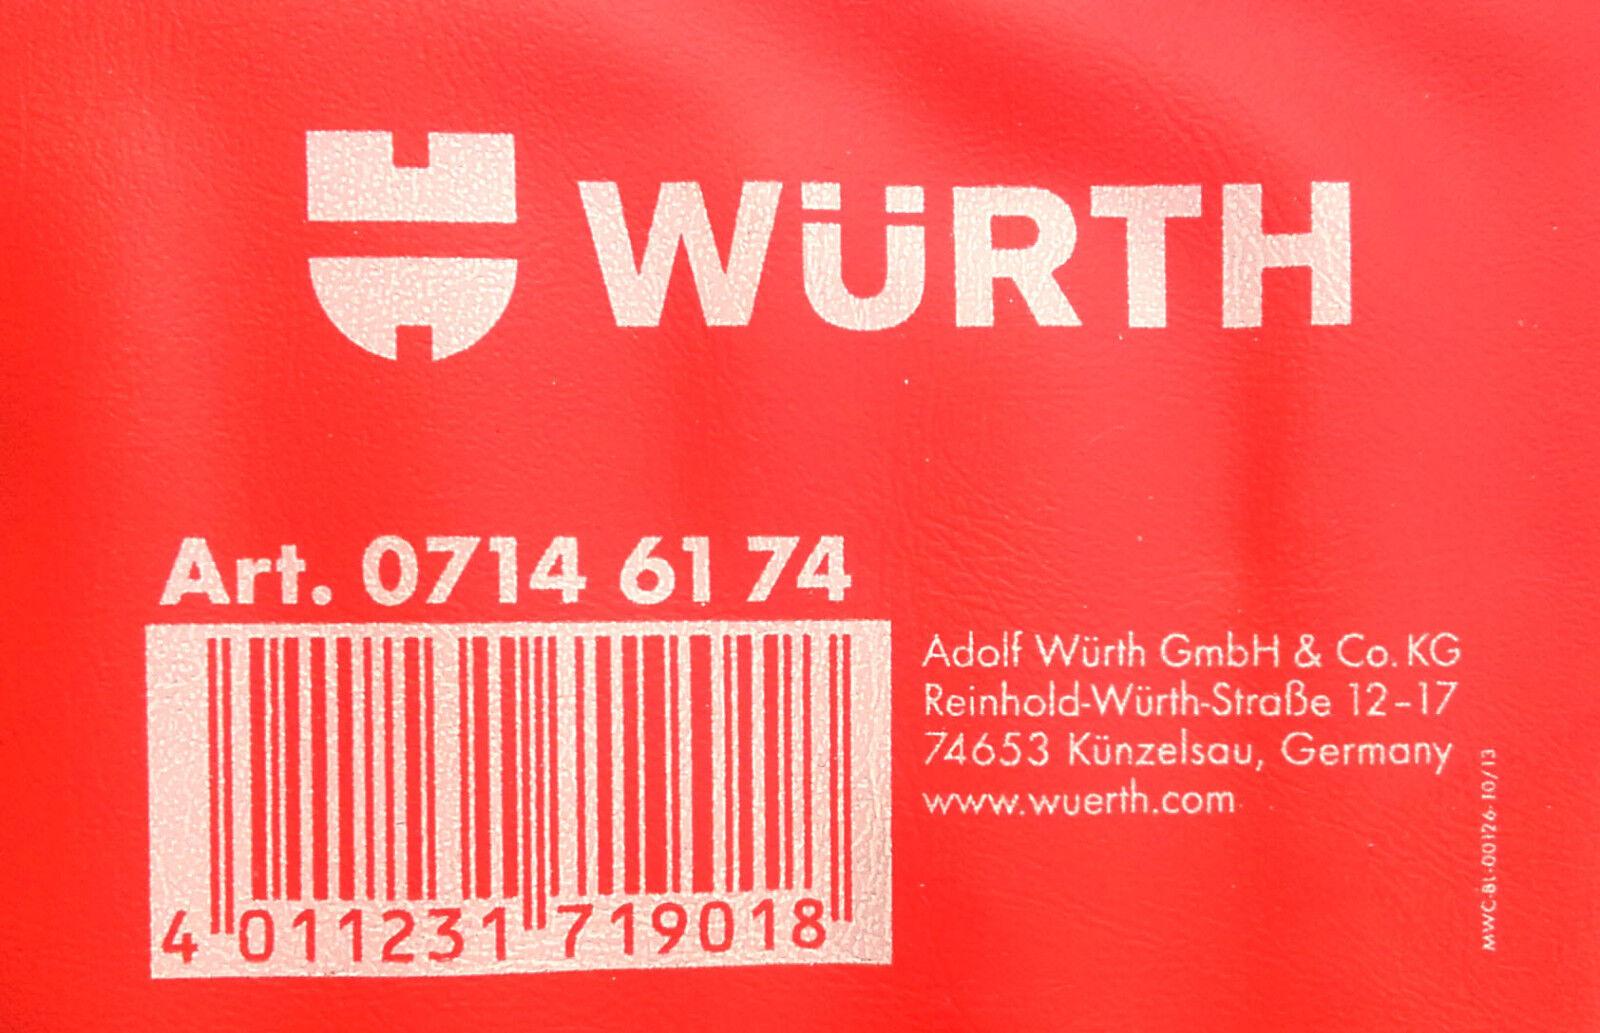 Wurth 07146174 Schlüssel Feile Set 6pcs Einwanderungsländern Feile Set Holzgriff